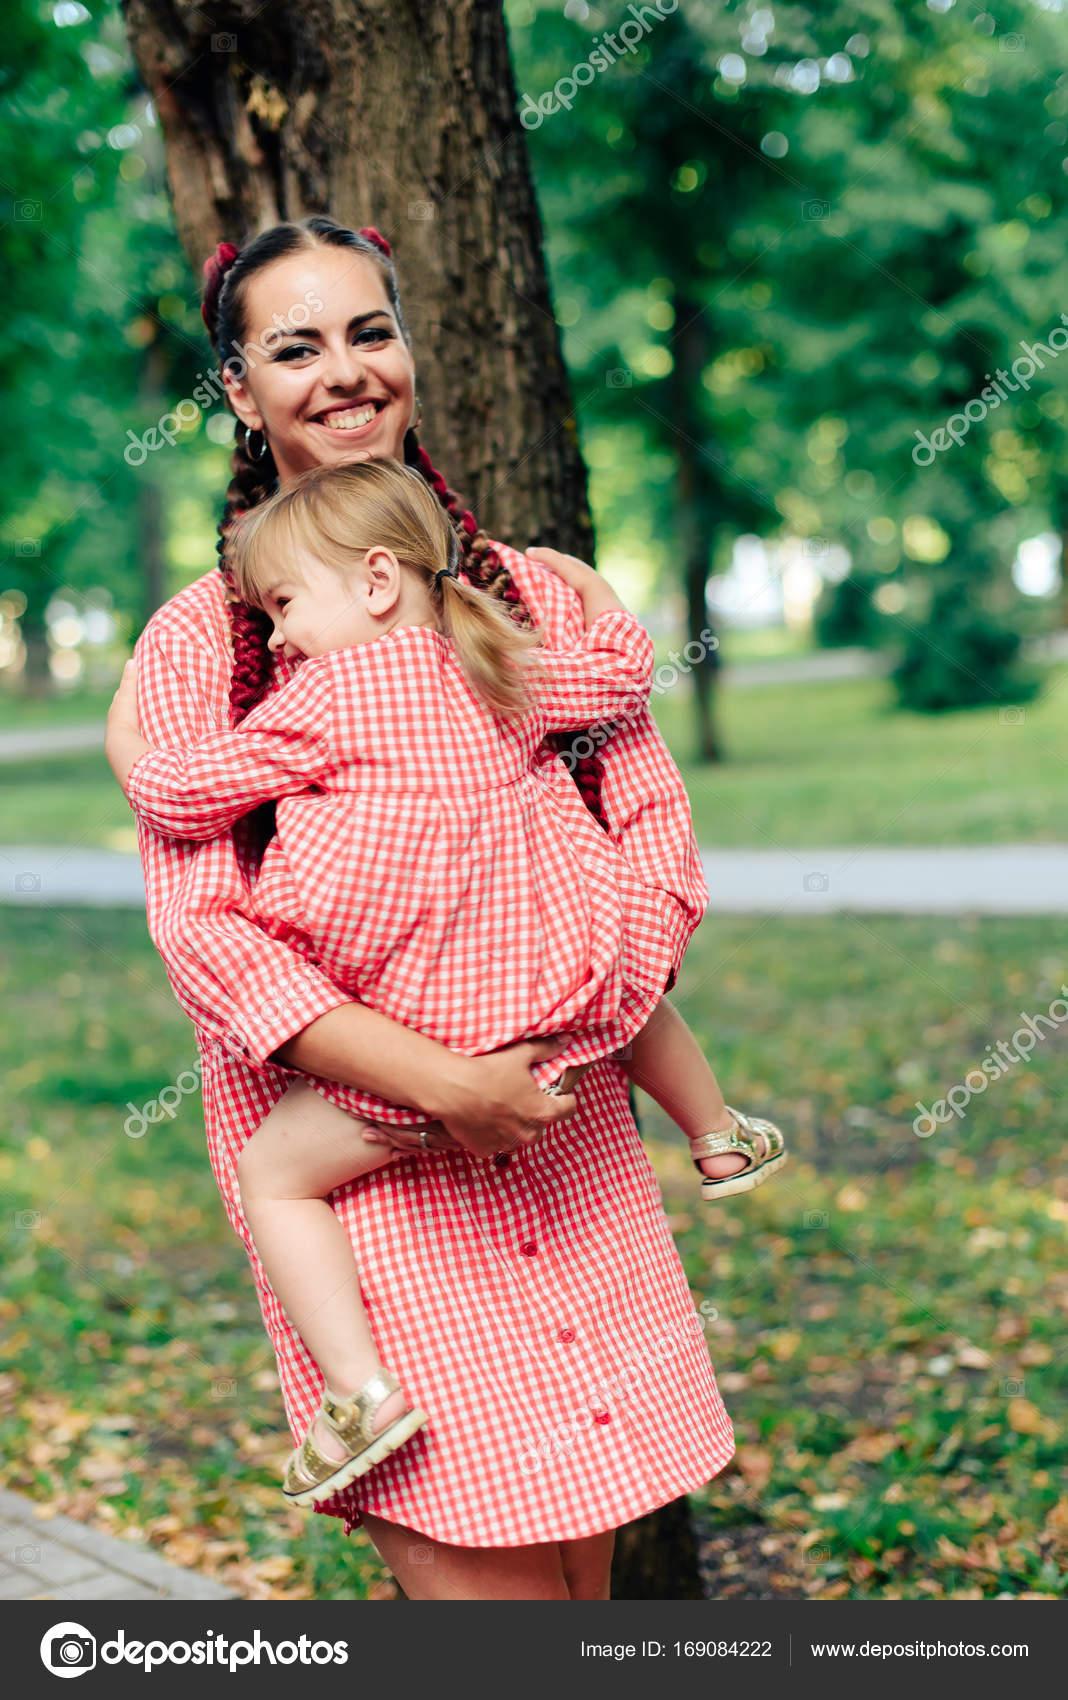 528b86506 Familia joven feliz con bella bebé con ojos azules camina en el parque de  verano al atardecer. Vestidos de mamá y la hijita de idéntico color rosa 1  — Foto ...